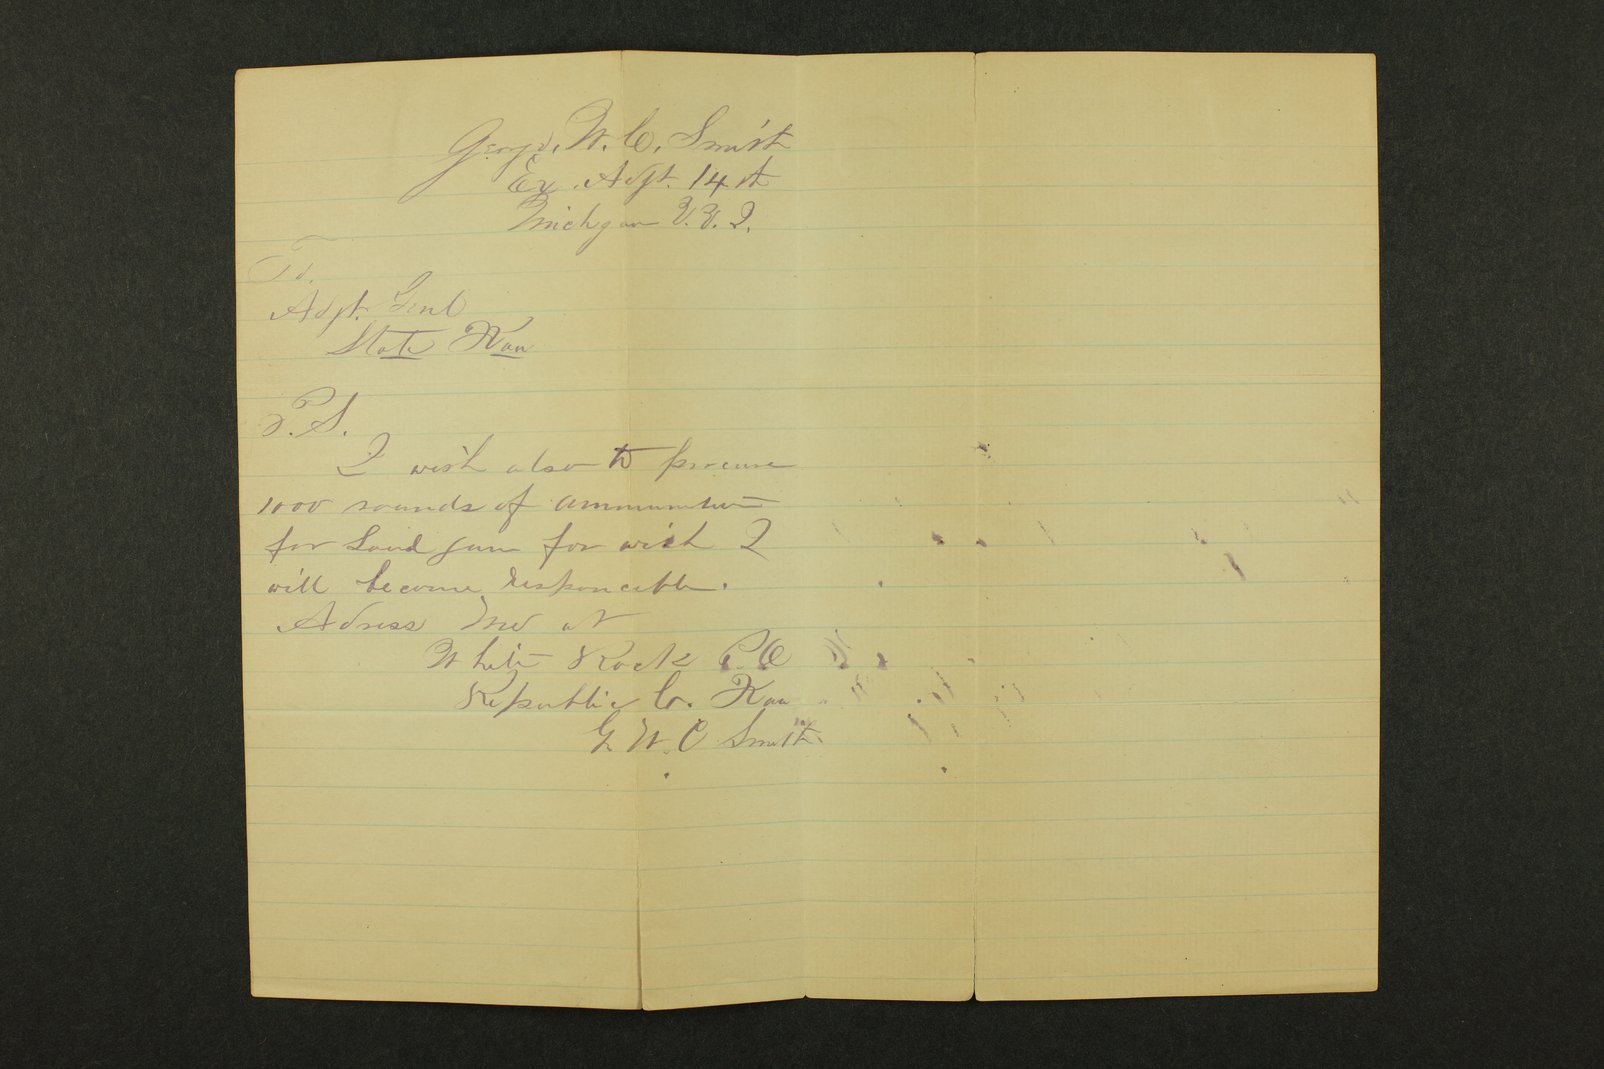 Kansas Adjutant General general correspondence, 1871 - 10